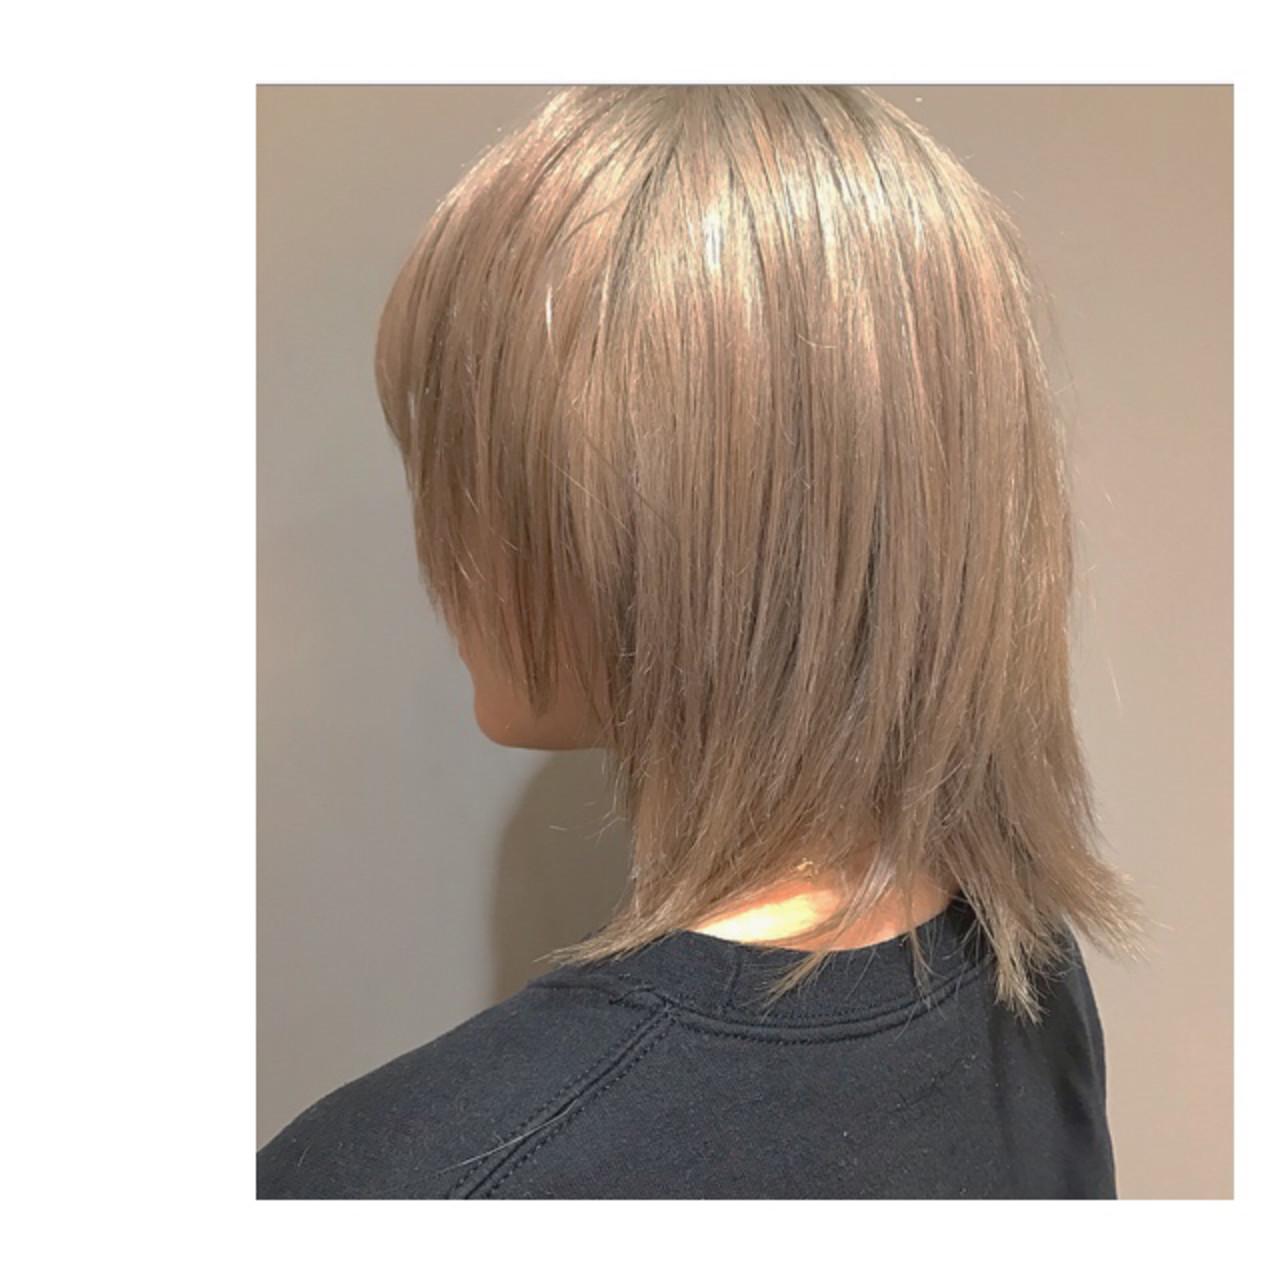 ハイトーン ミディアム ストリート ブロンドカラー ヘアスタイルや髪型の写真・画像 | Rie Akita / LOAVE omotesando